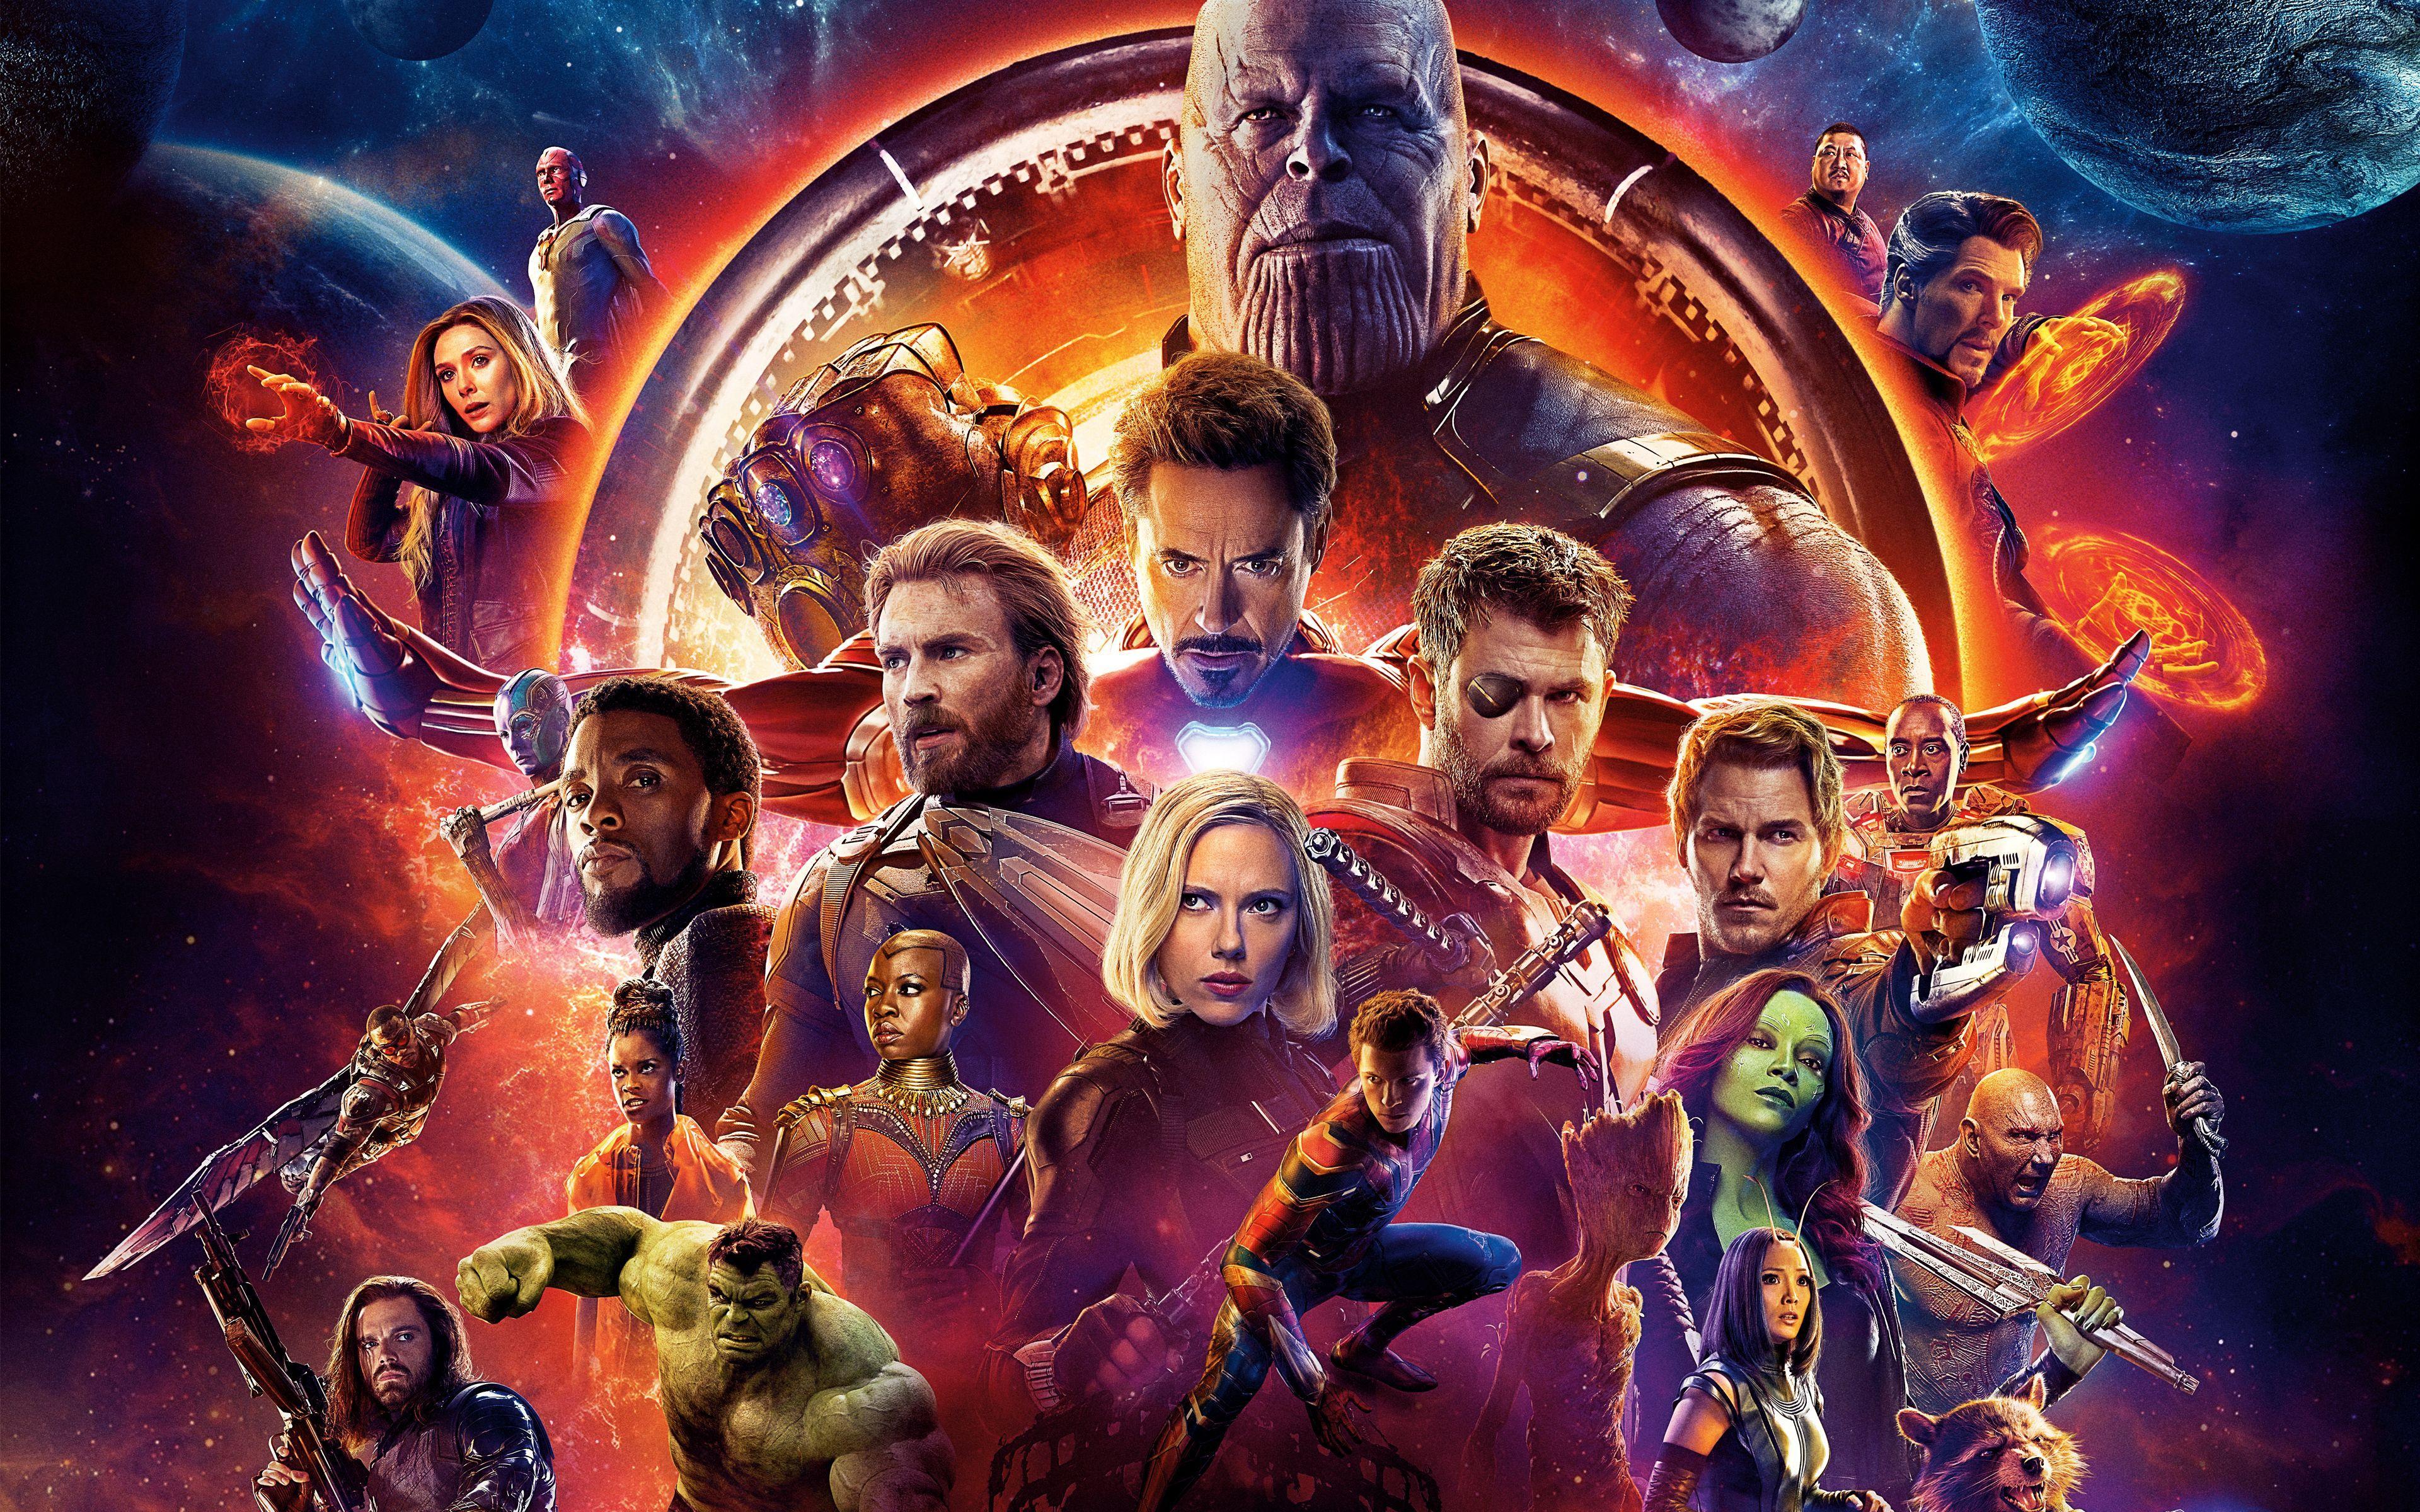 Infinity War Wallpapers - Top Free